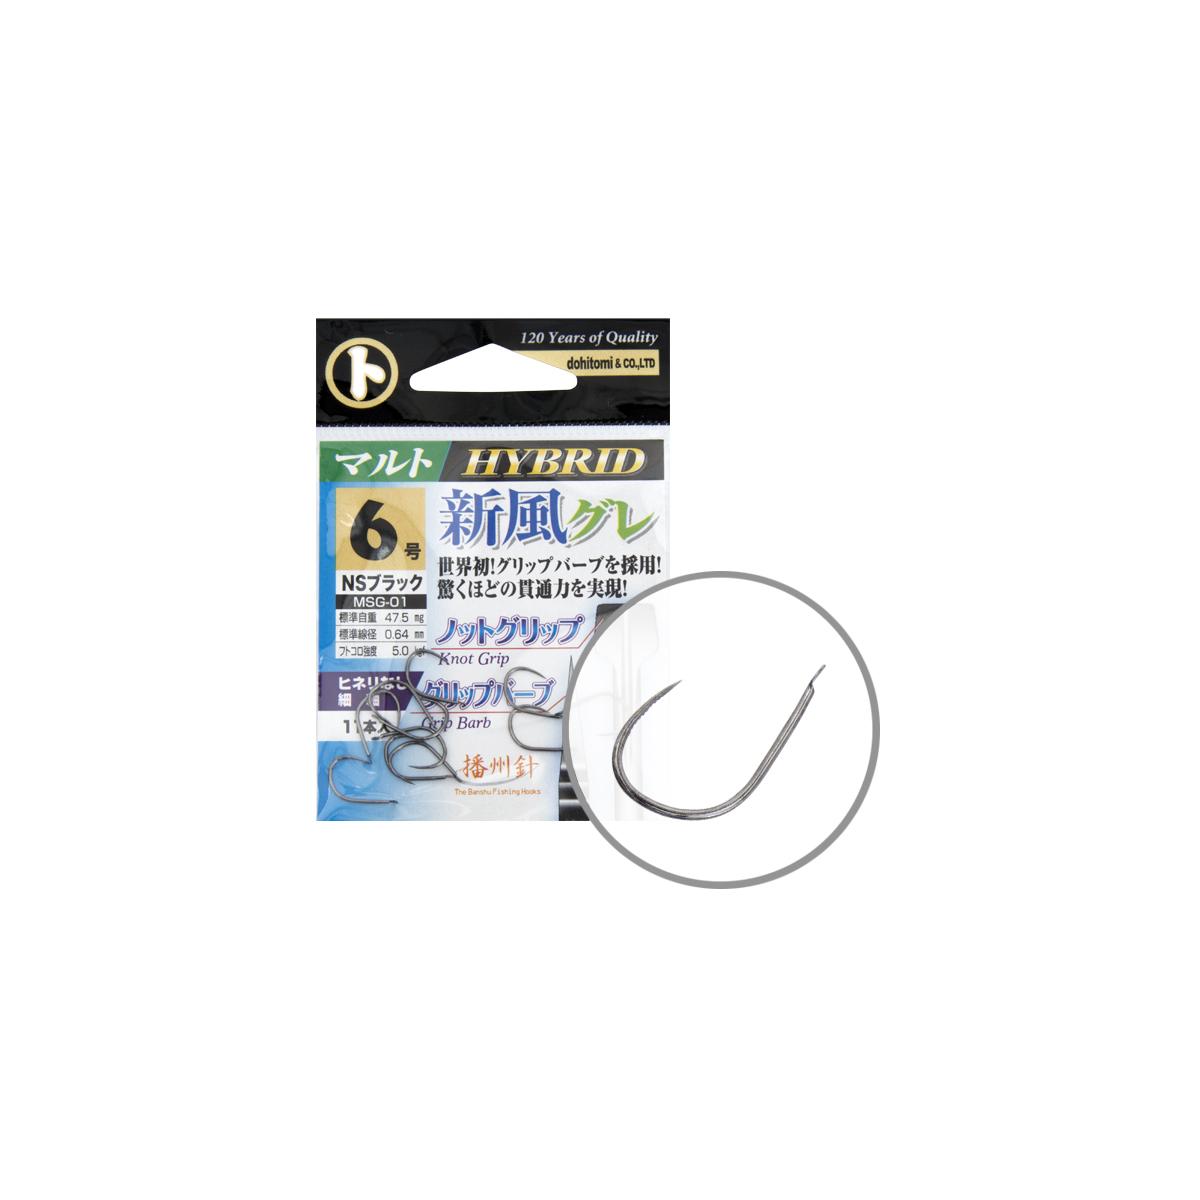 MARUTO HOROG SHIPU GURE MSG-01 HYBRID BLACK NICKEL 6 (11PCS/BAG)